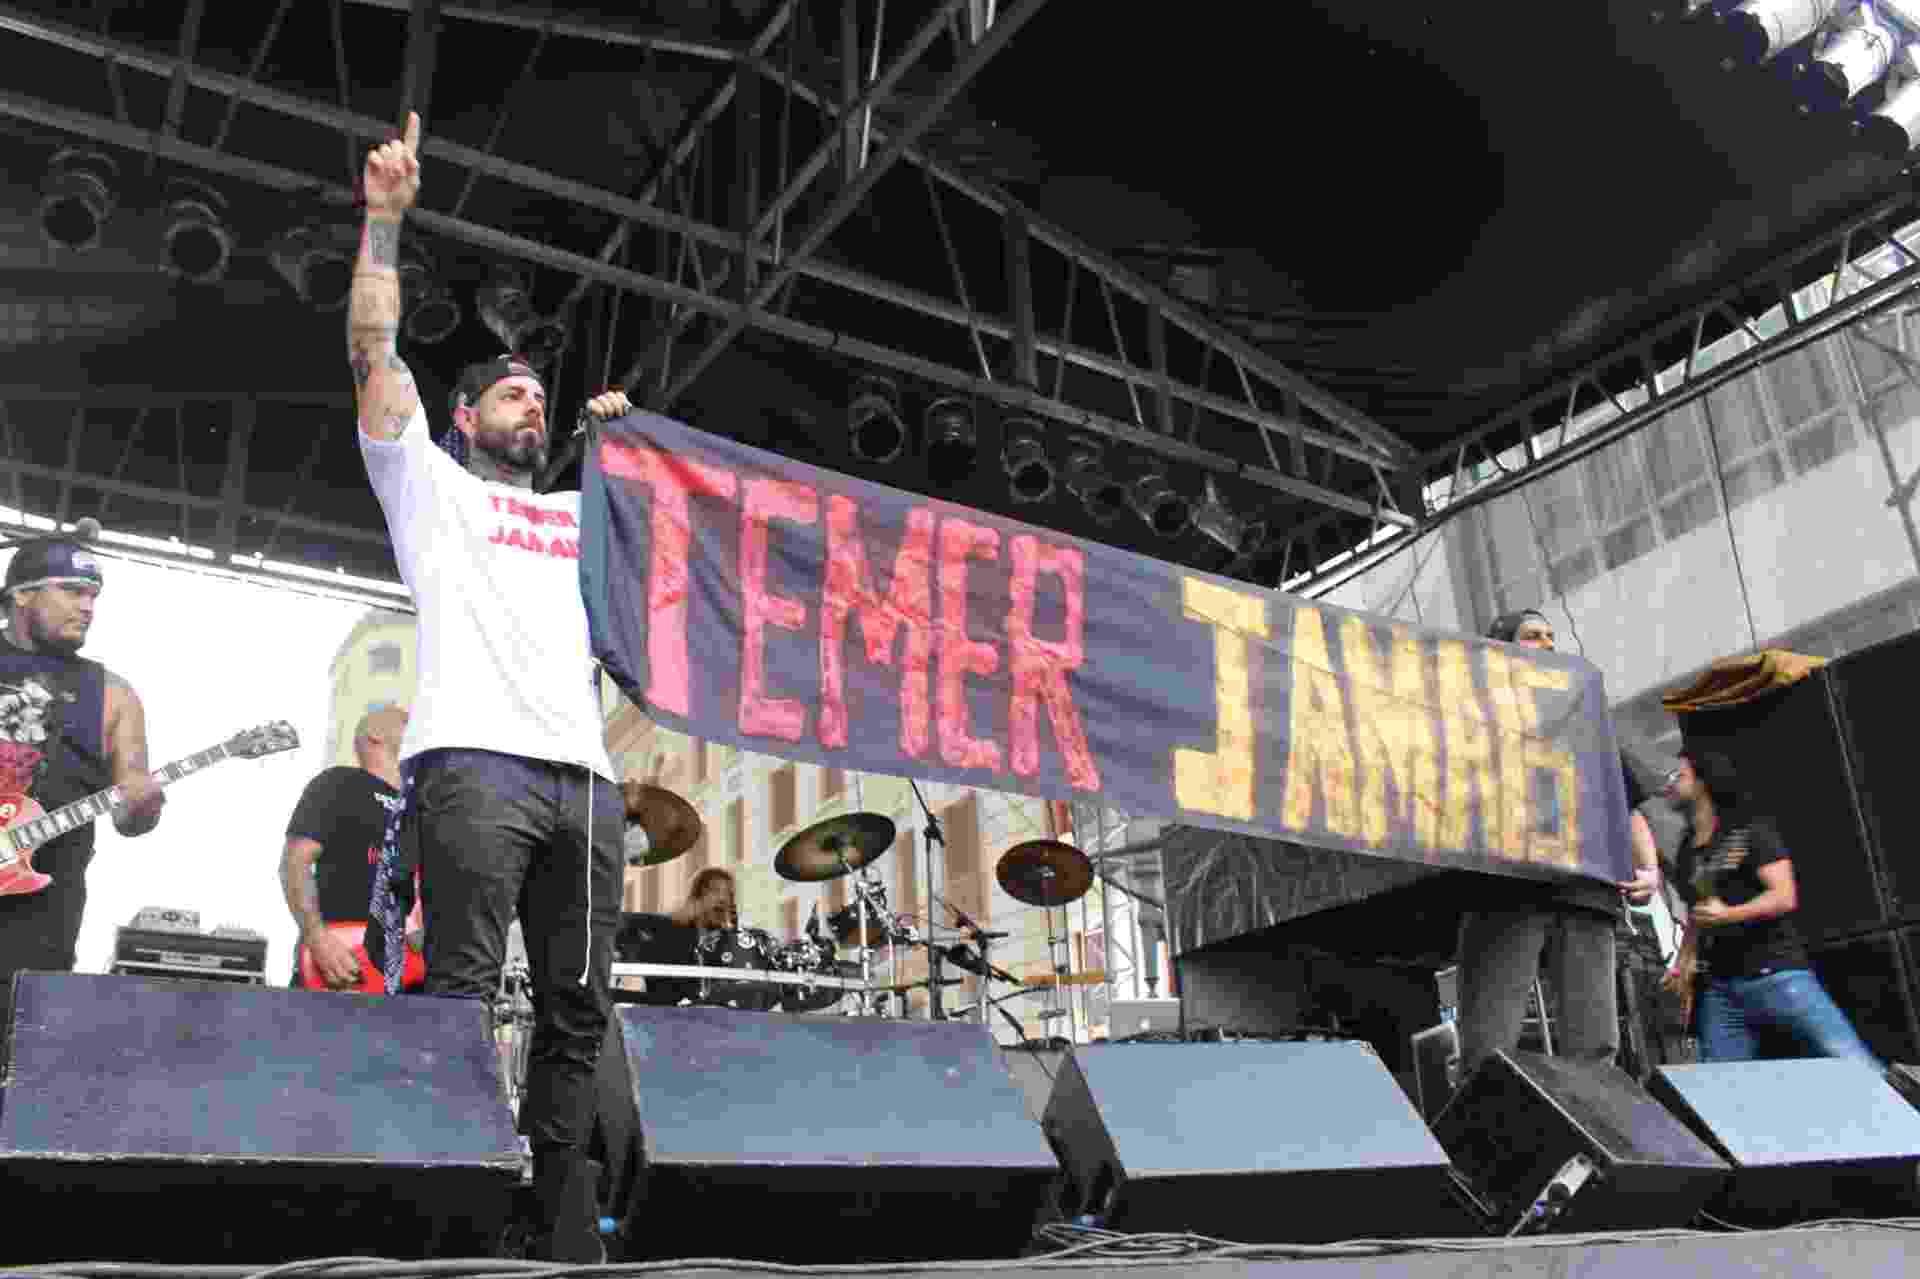 """22.mai.2016 - Tico Santa Cruz com camisa e faixa """"Temer jamais"""" durante show do Detonautas na Virada Cultural, em São Paulo, no Palco Rio Branco - Rômullo Dawid/Fotoarena/Estadão Conteúdo"""